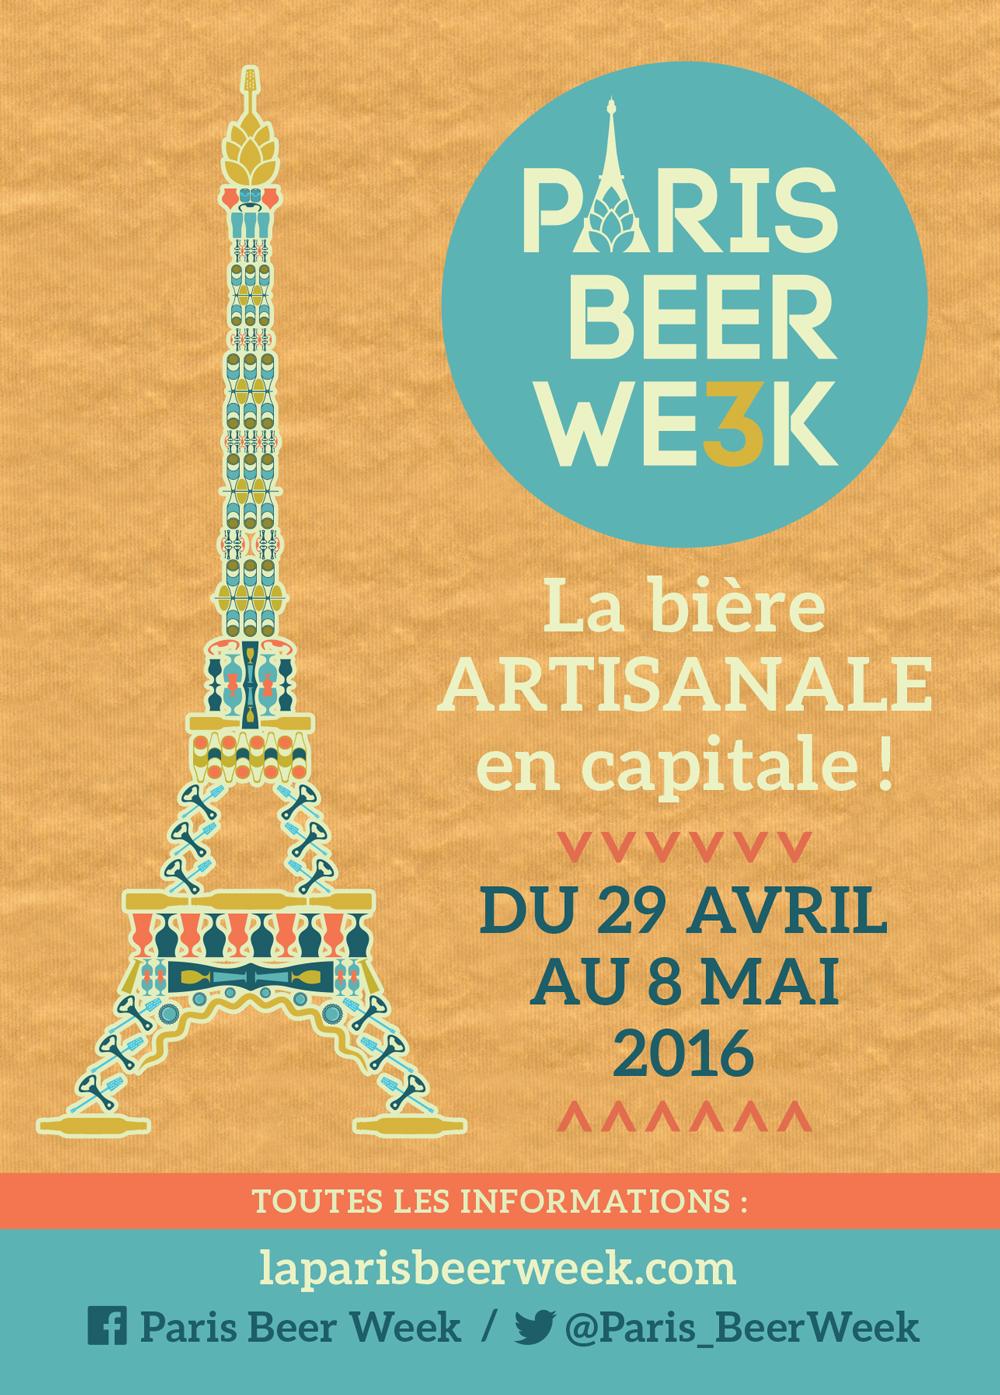 paris-beer-week-1-oopsie